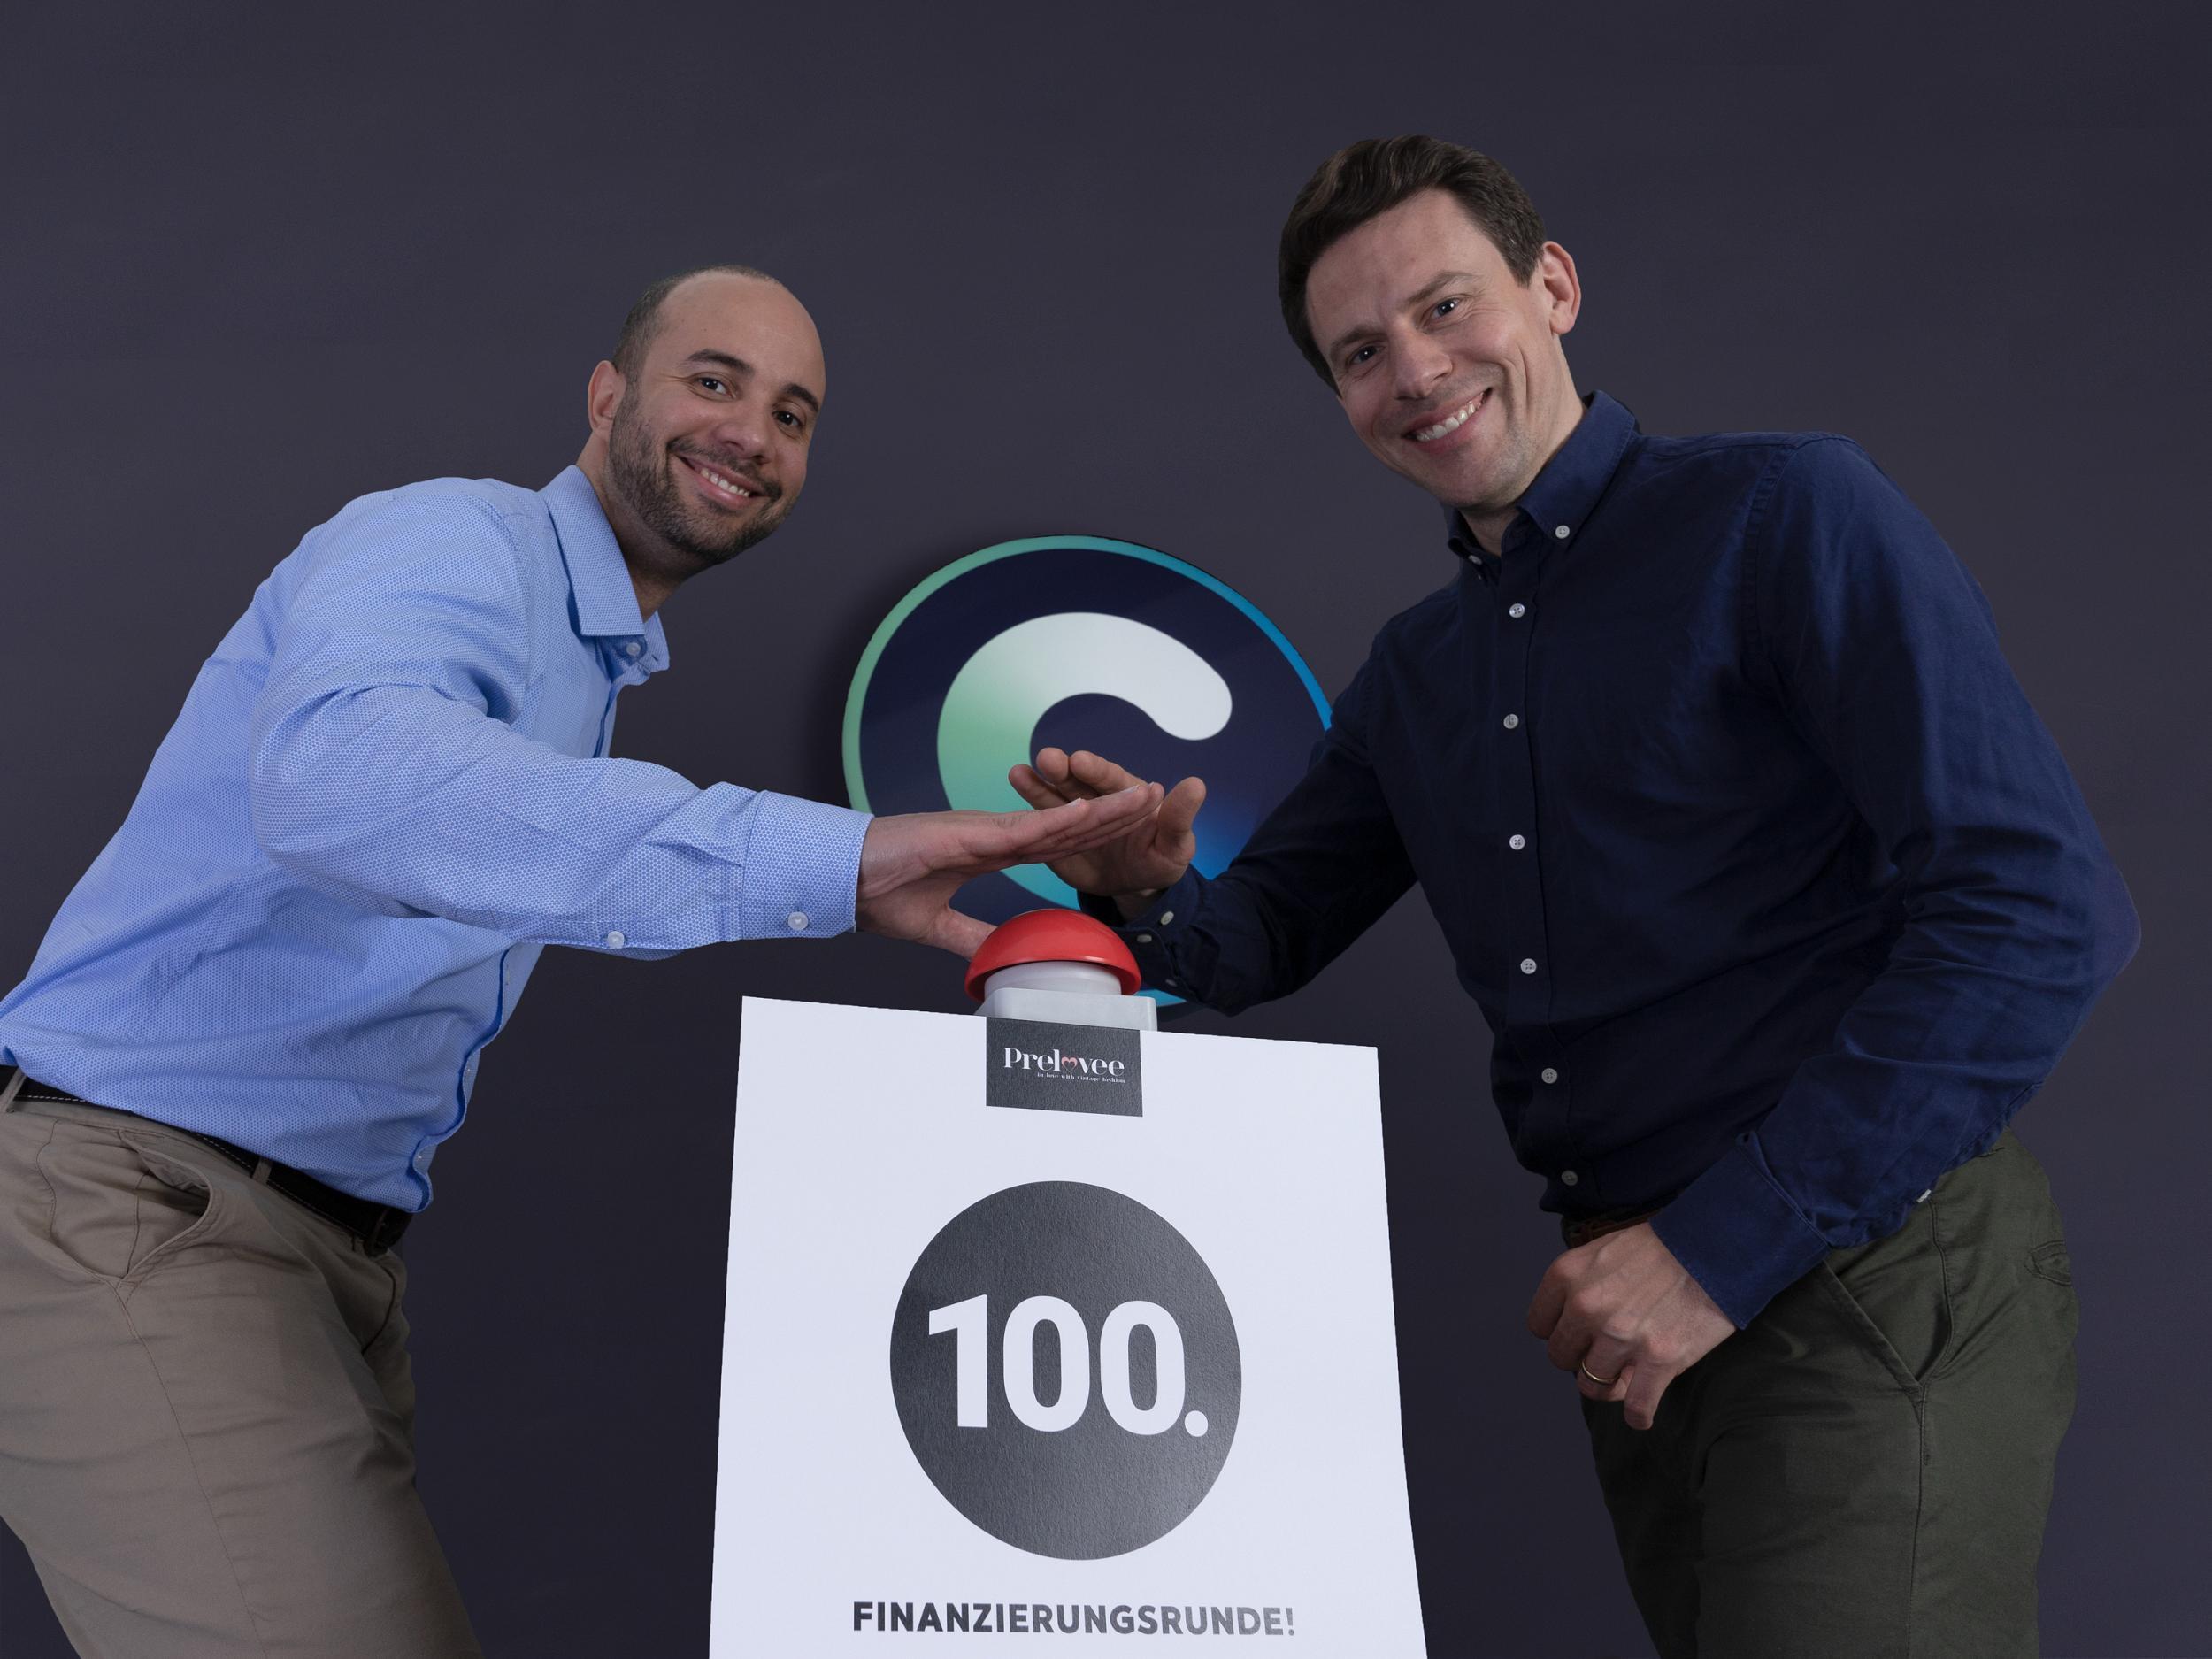 Erfolg: Companisto startet 100. Finanzierungsrunde